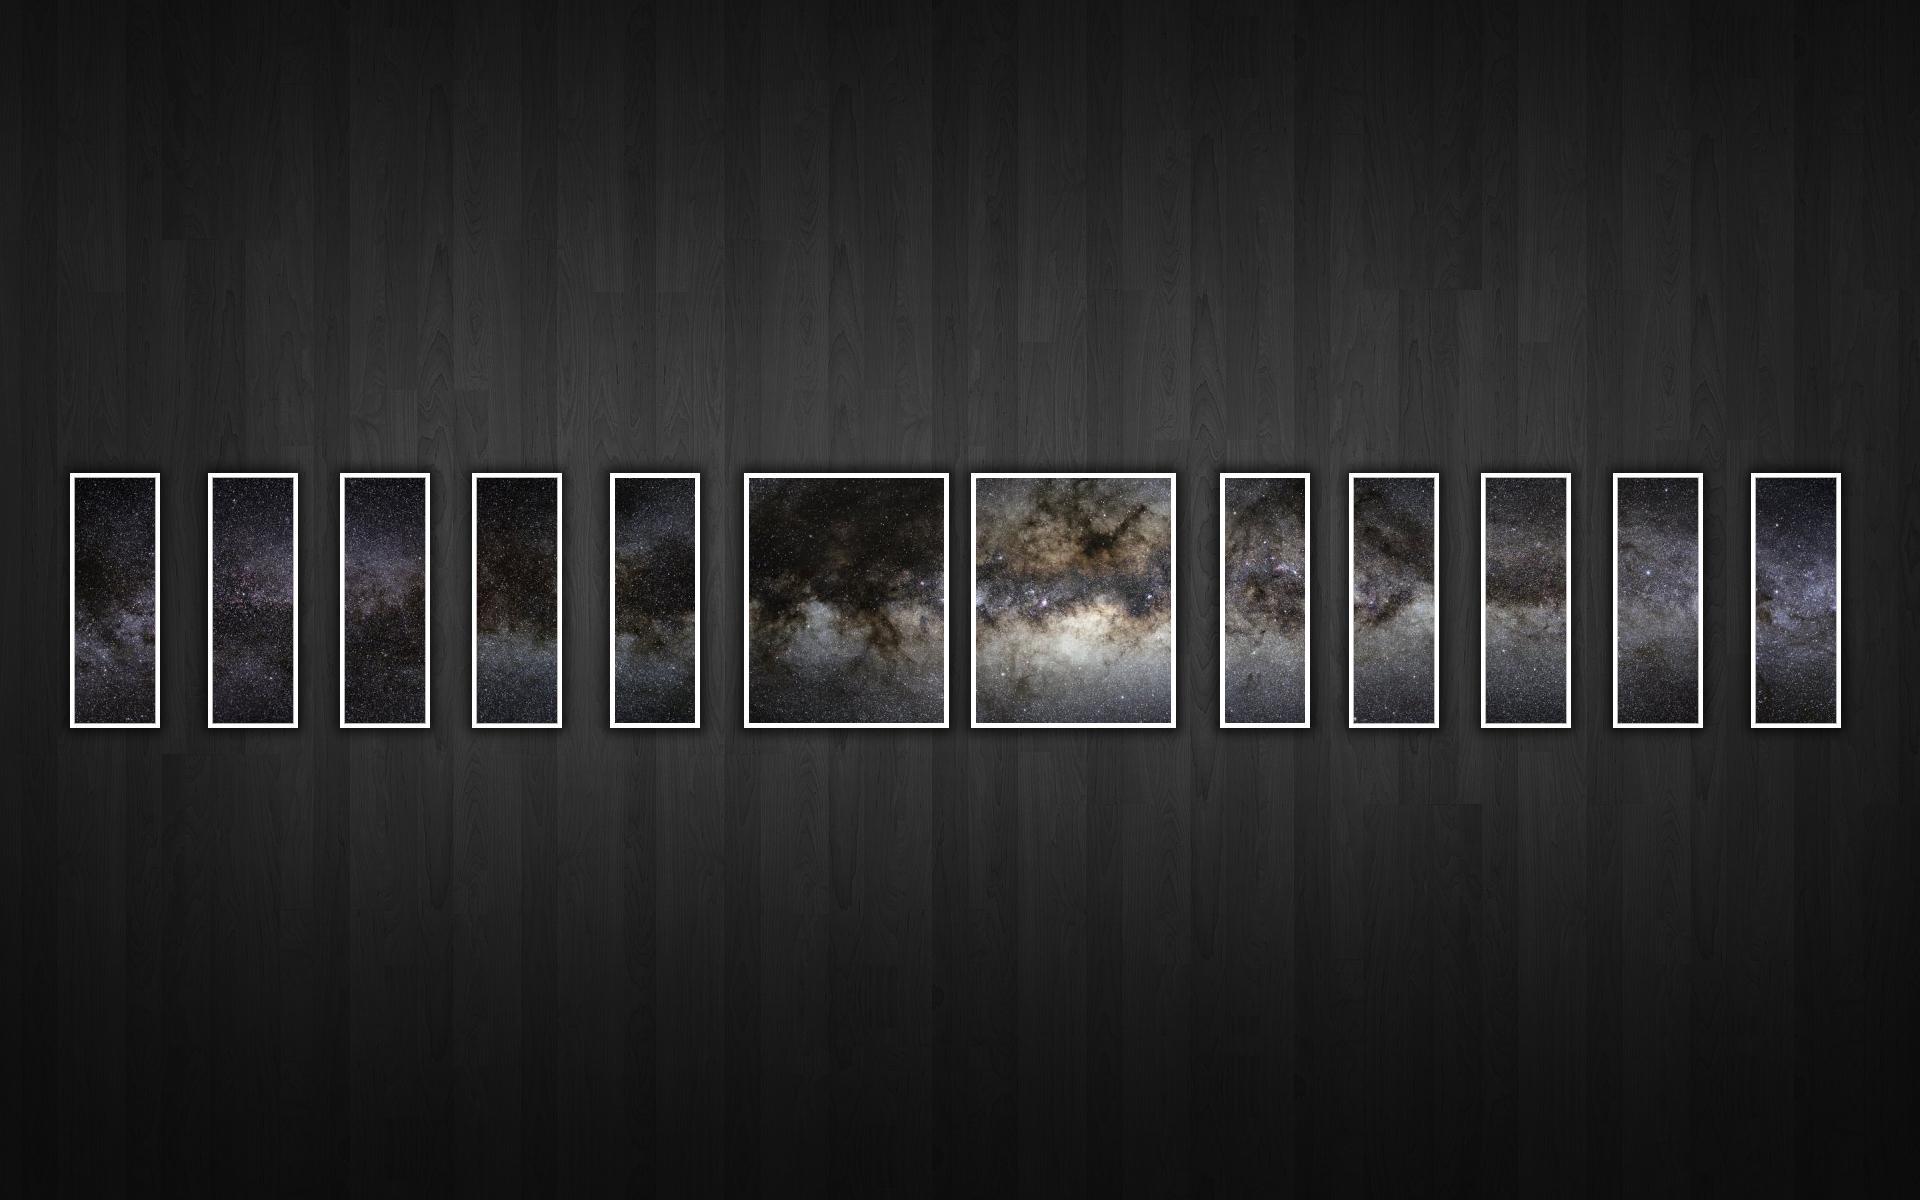 Free download Gallery of Milkyway Wallpaper Gallery of Milkyway ...